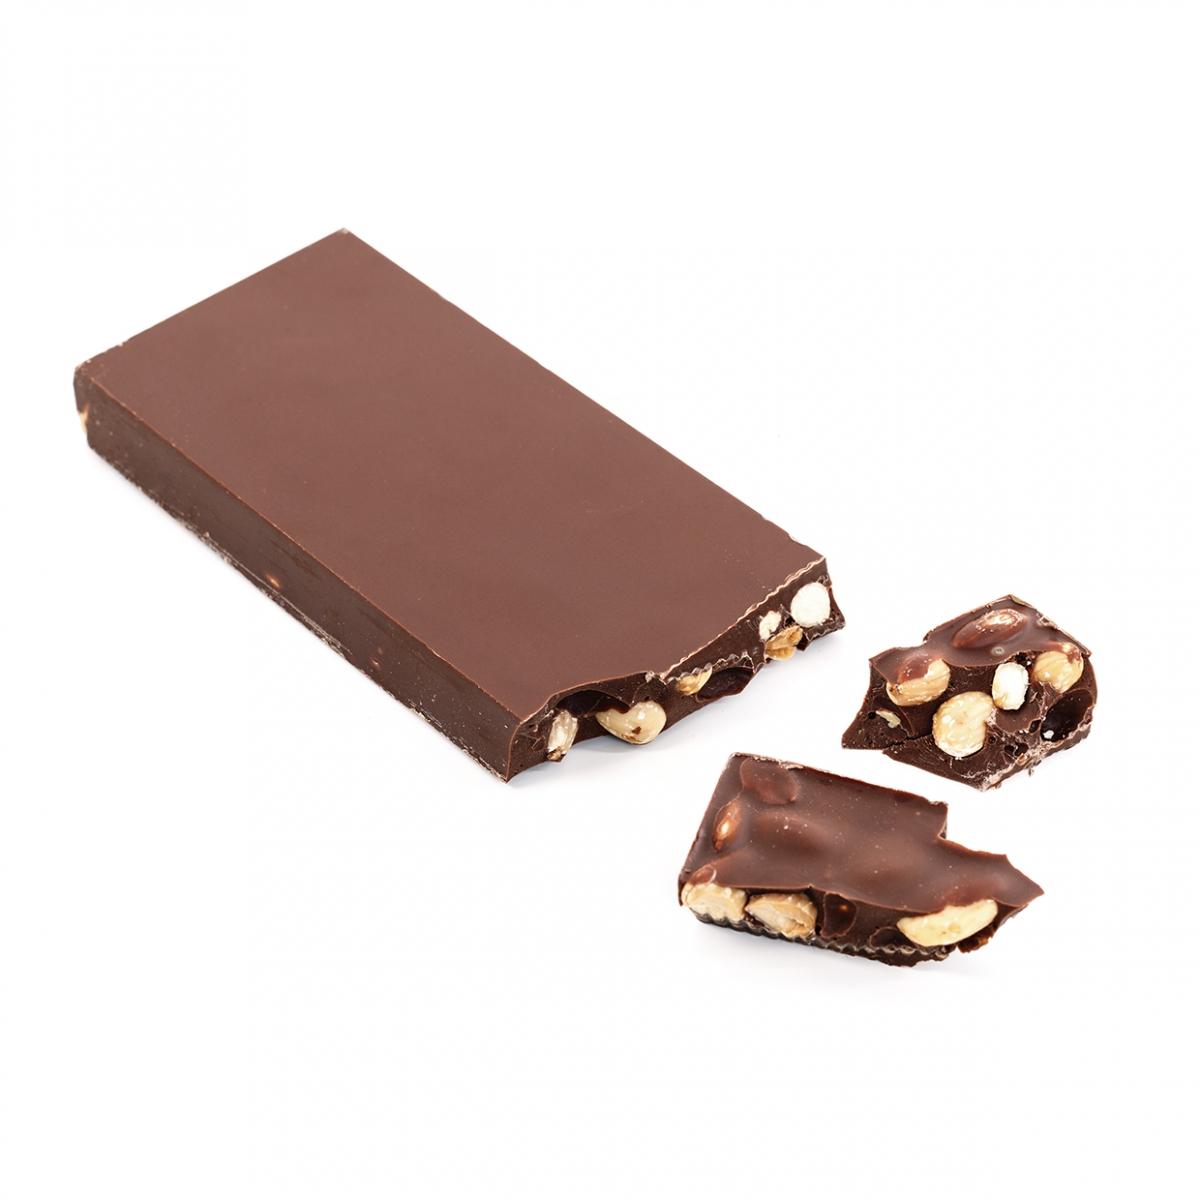 Imagen en la que se ve una tableta de turrón de chocolate